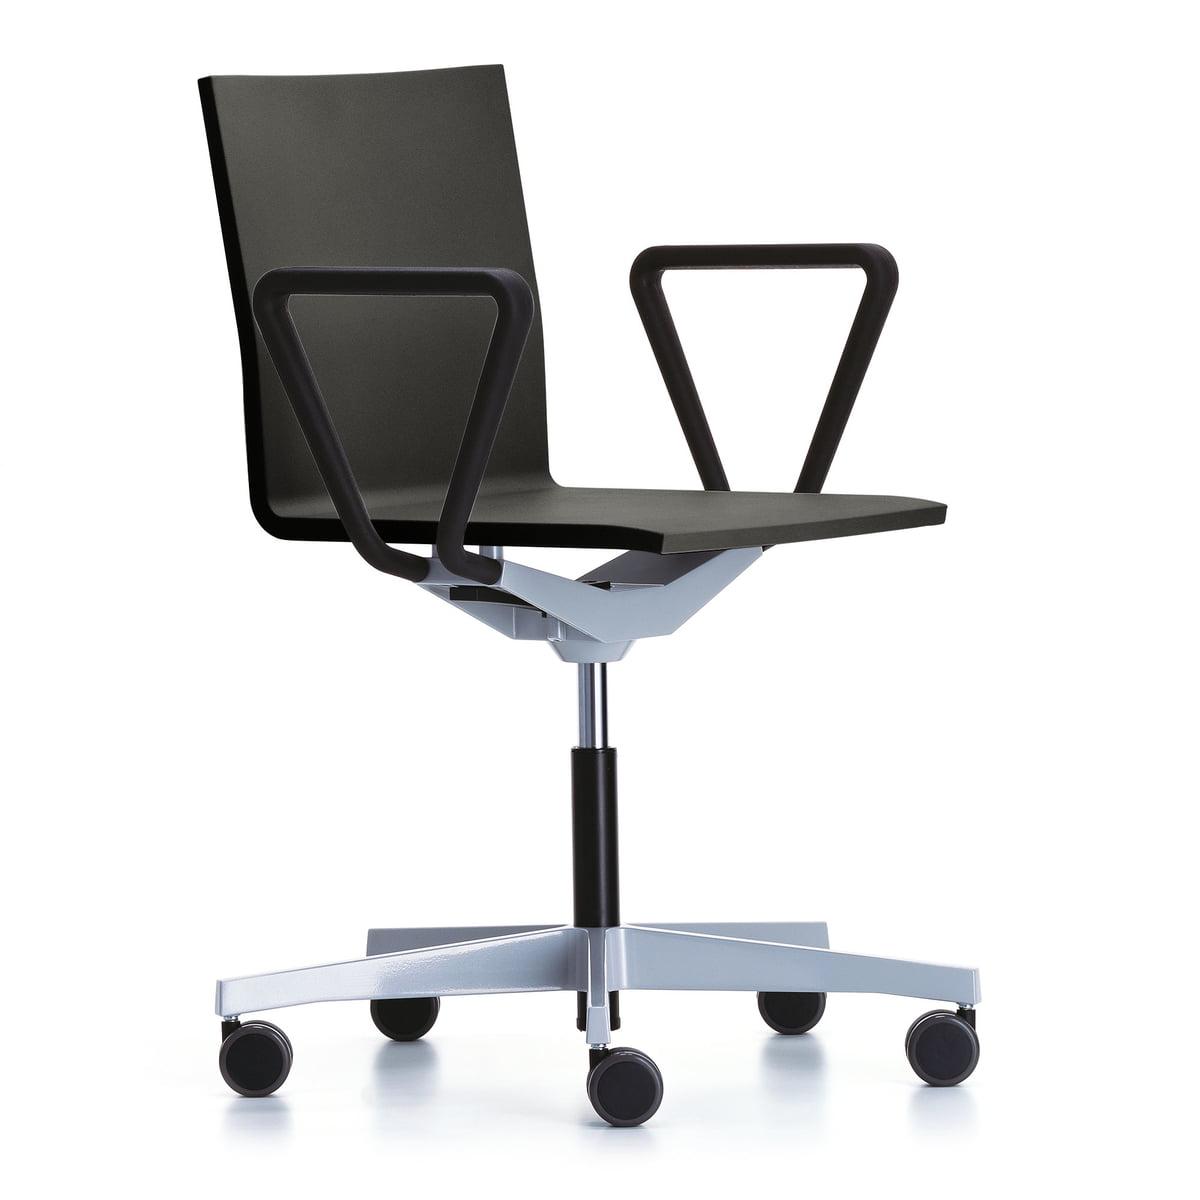 nouveau produit f8736 ba0f3 Vitra - Chaise de bureau pivotante .04 Atelier avec accoudoirs, noir /  basic dark